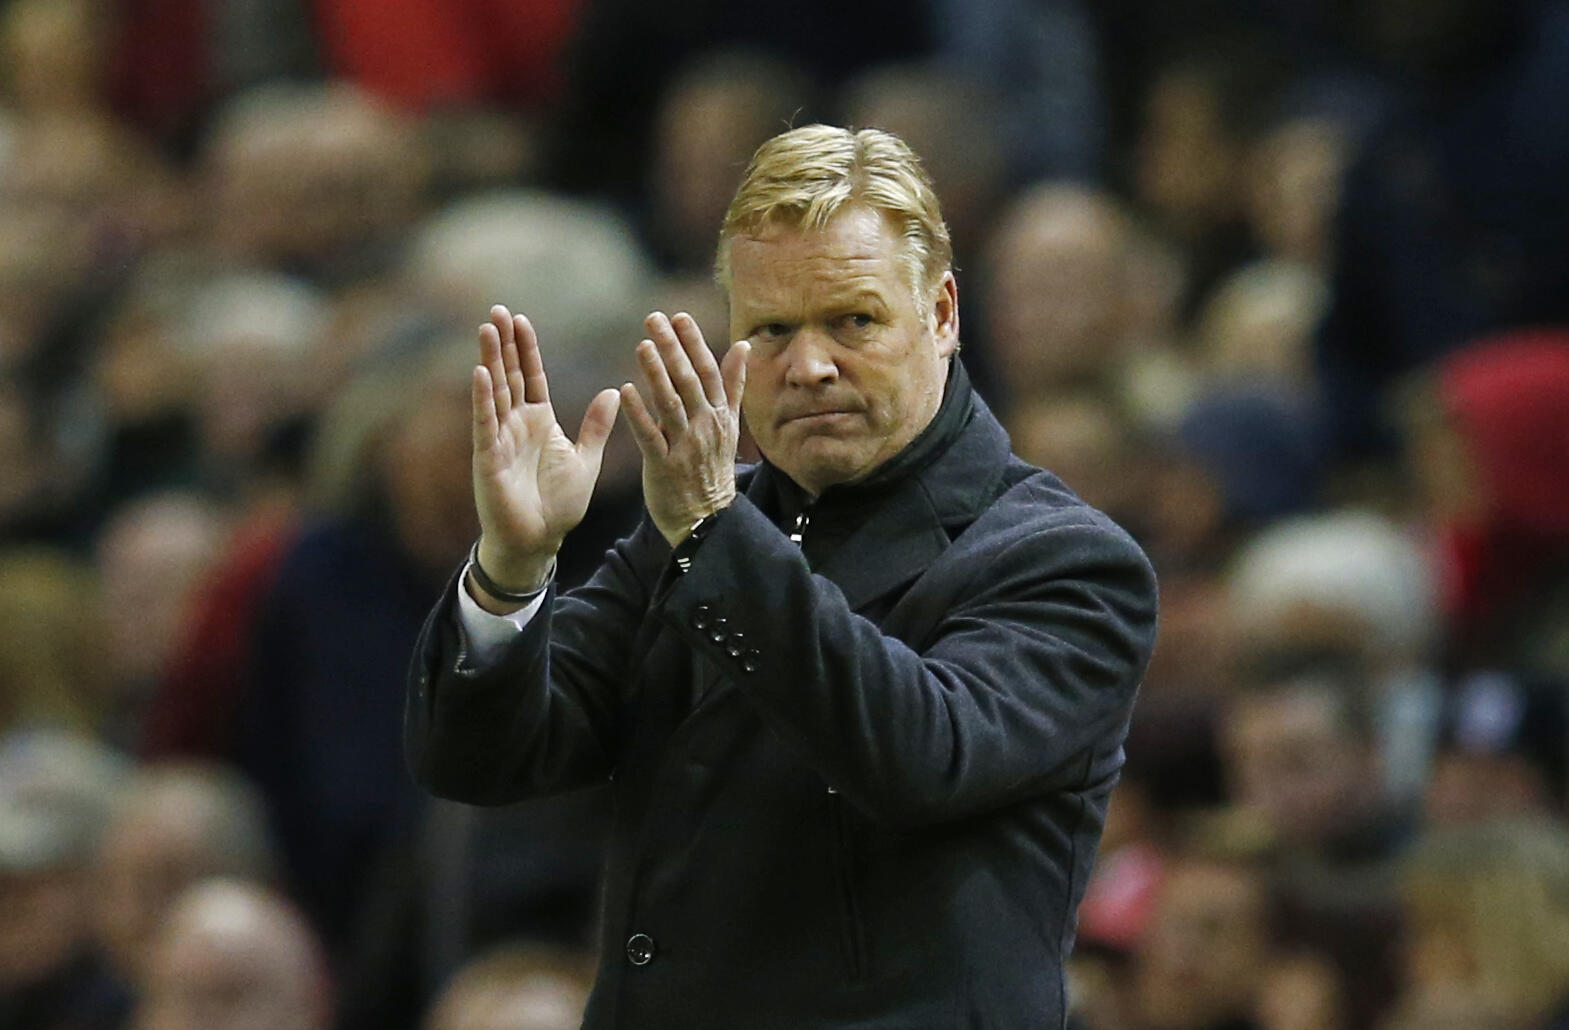 Ronald Koeman aliyekuwa kocha mkuu wa klabu ya Southampton.